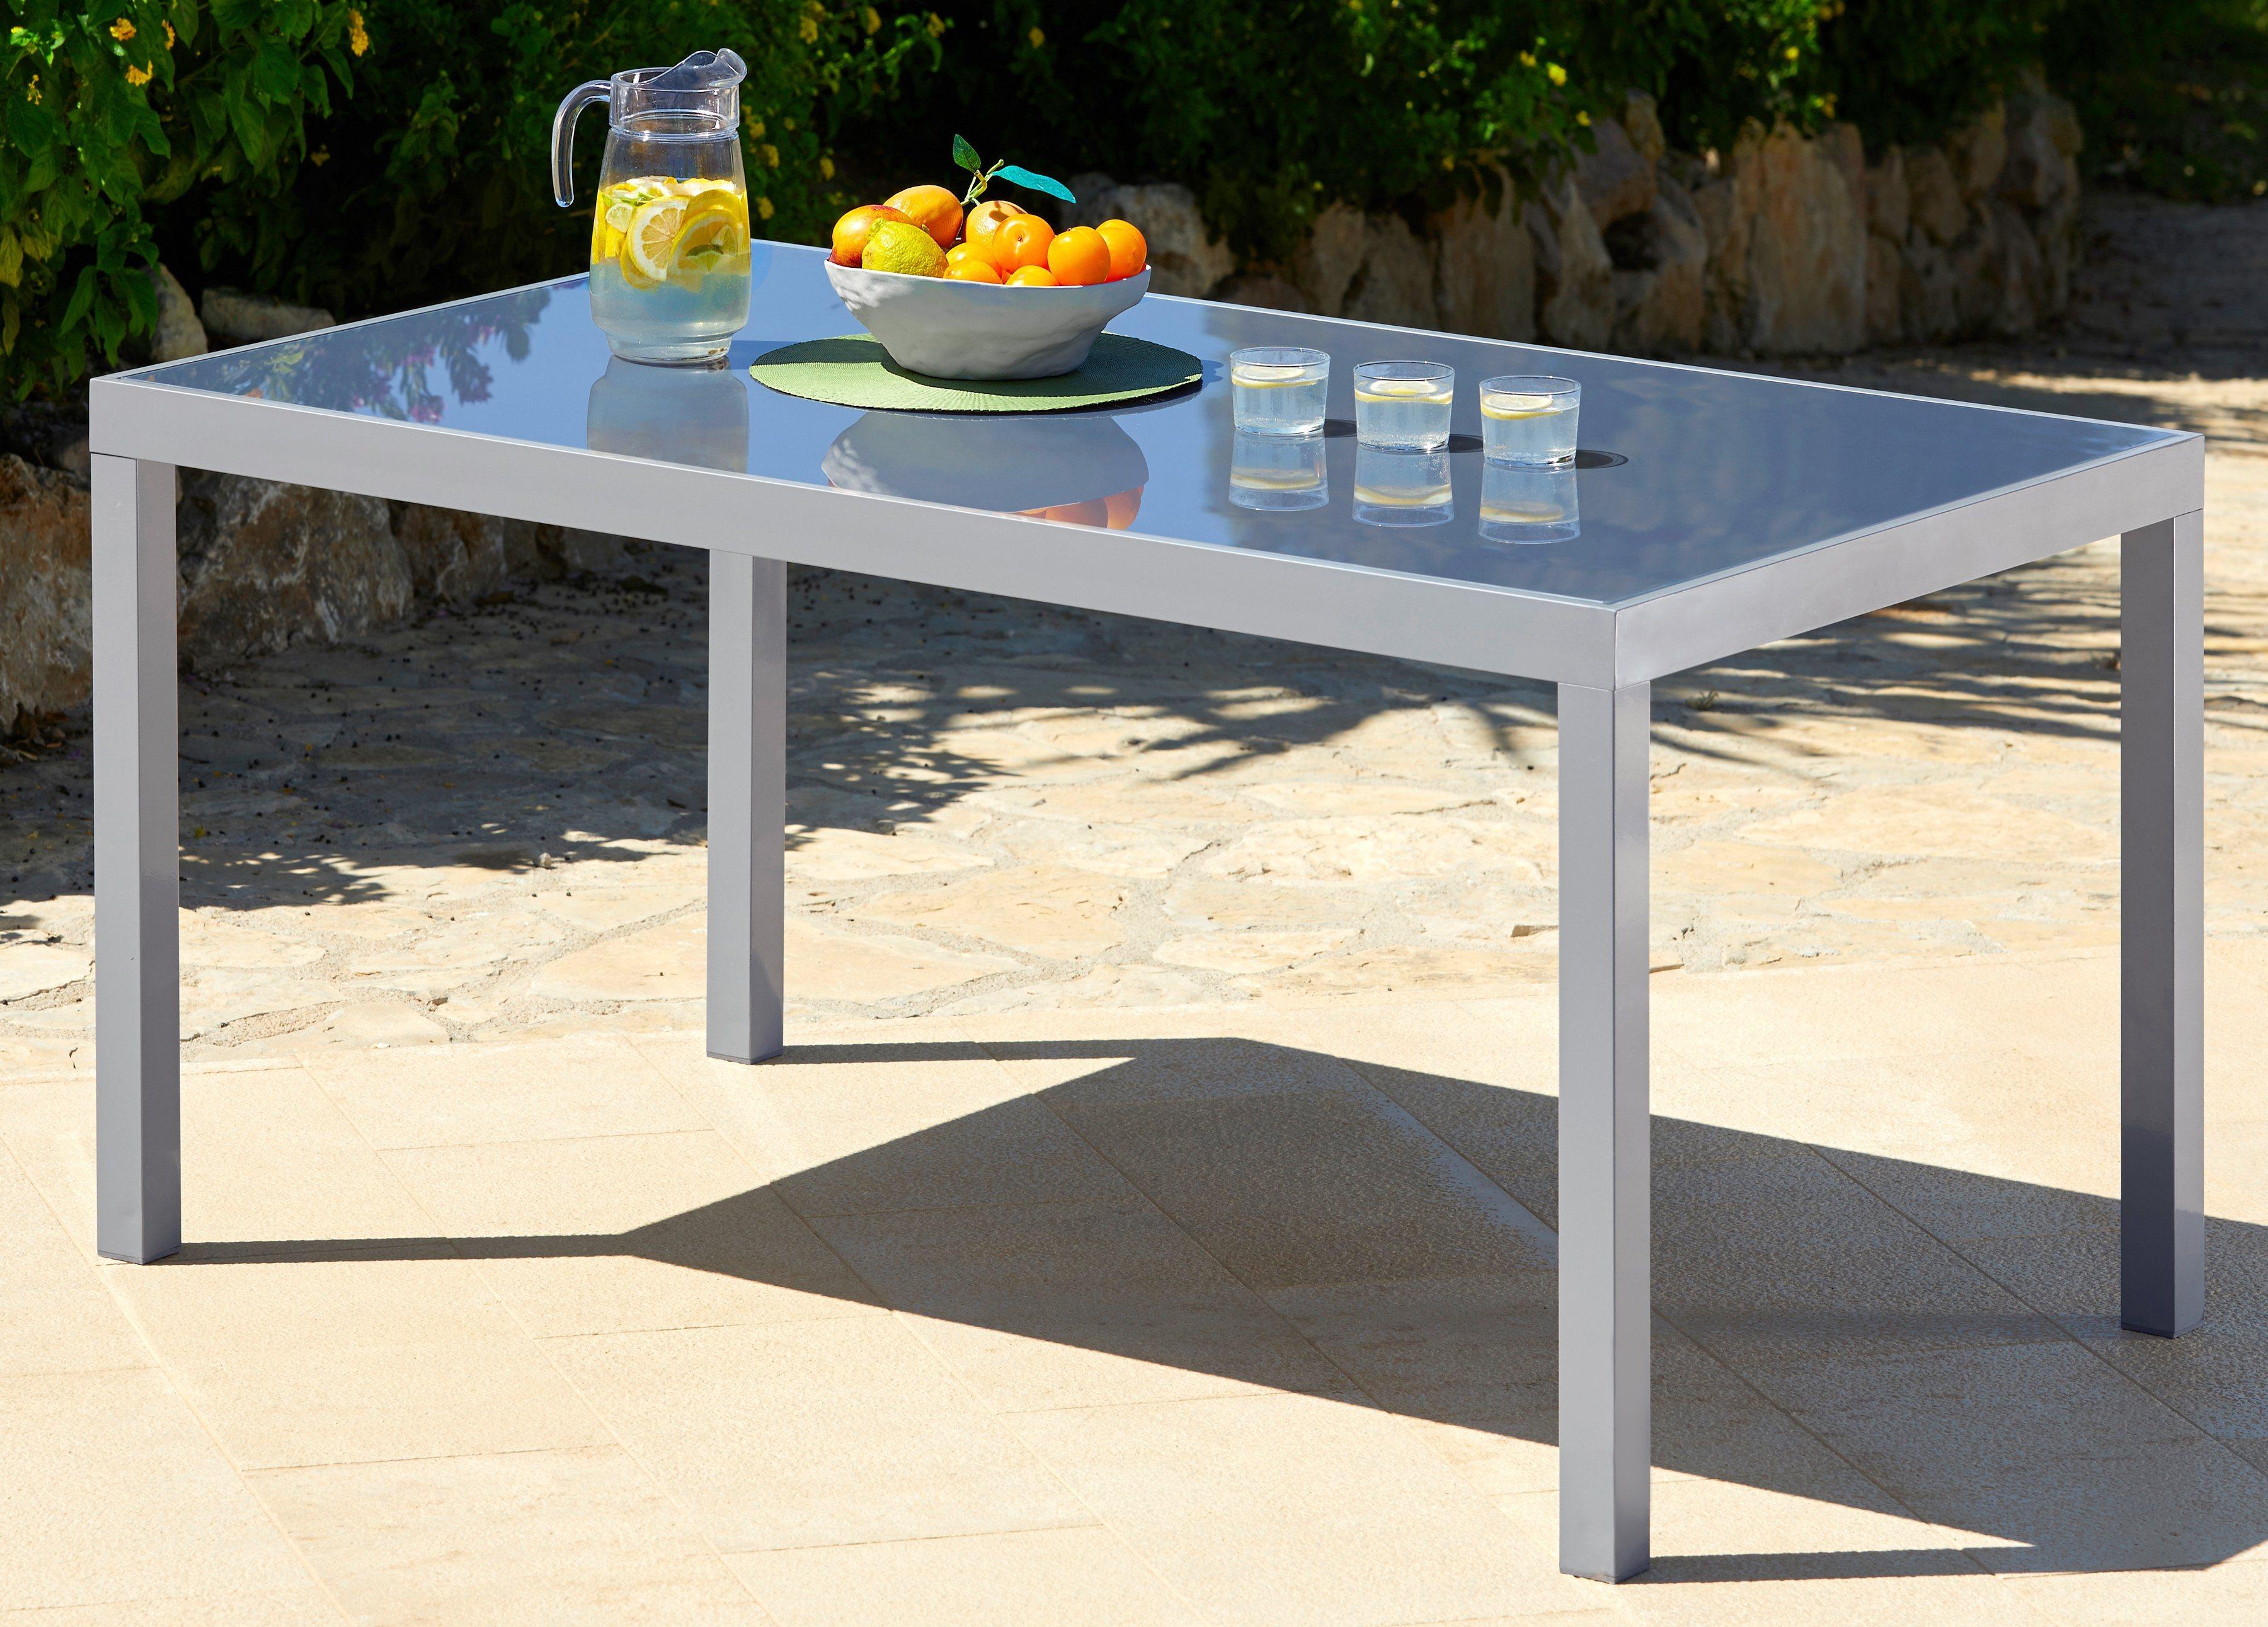 Gartentisch »Taviano«, Aluminium, 150x90 cm, silber   Garten > Gartenmöbel > Gartentische